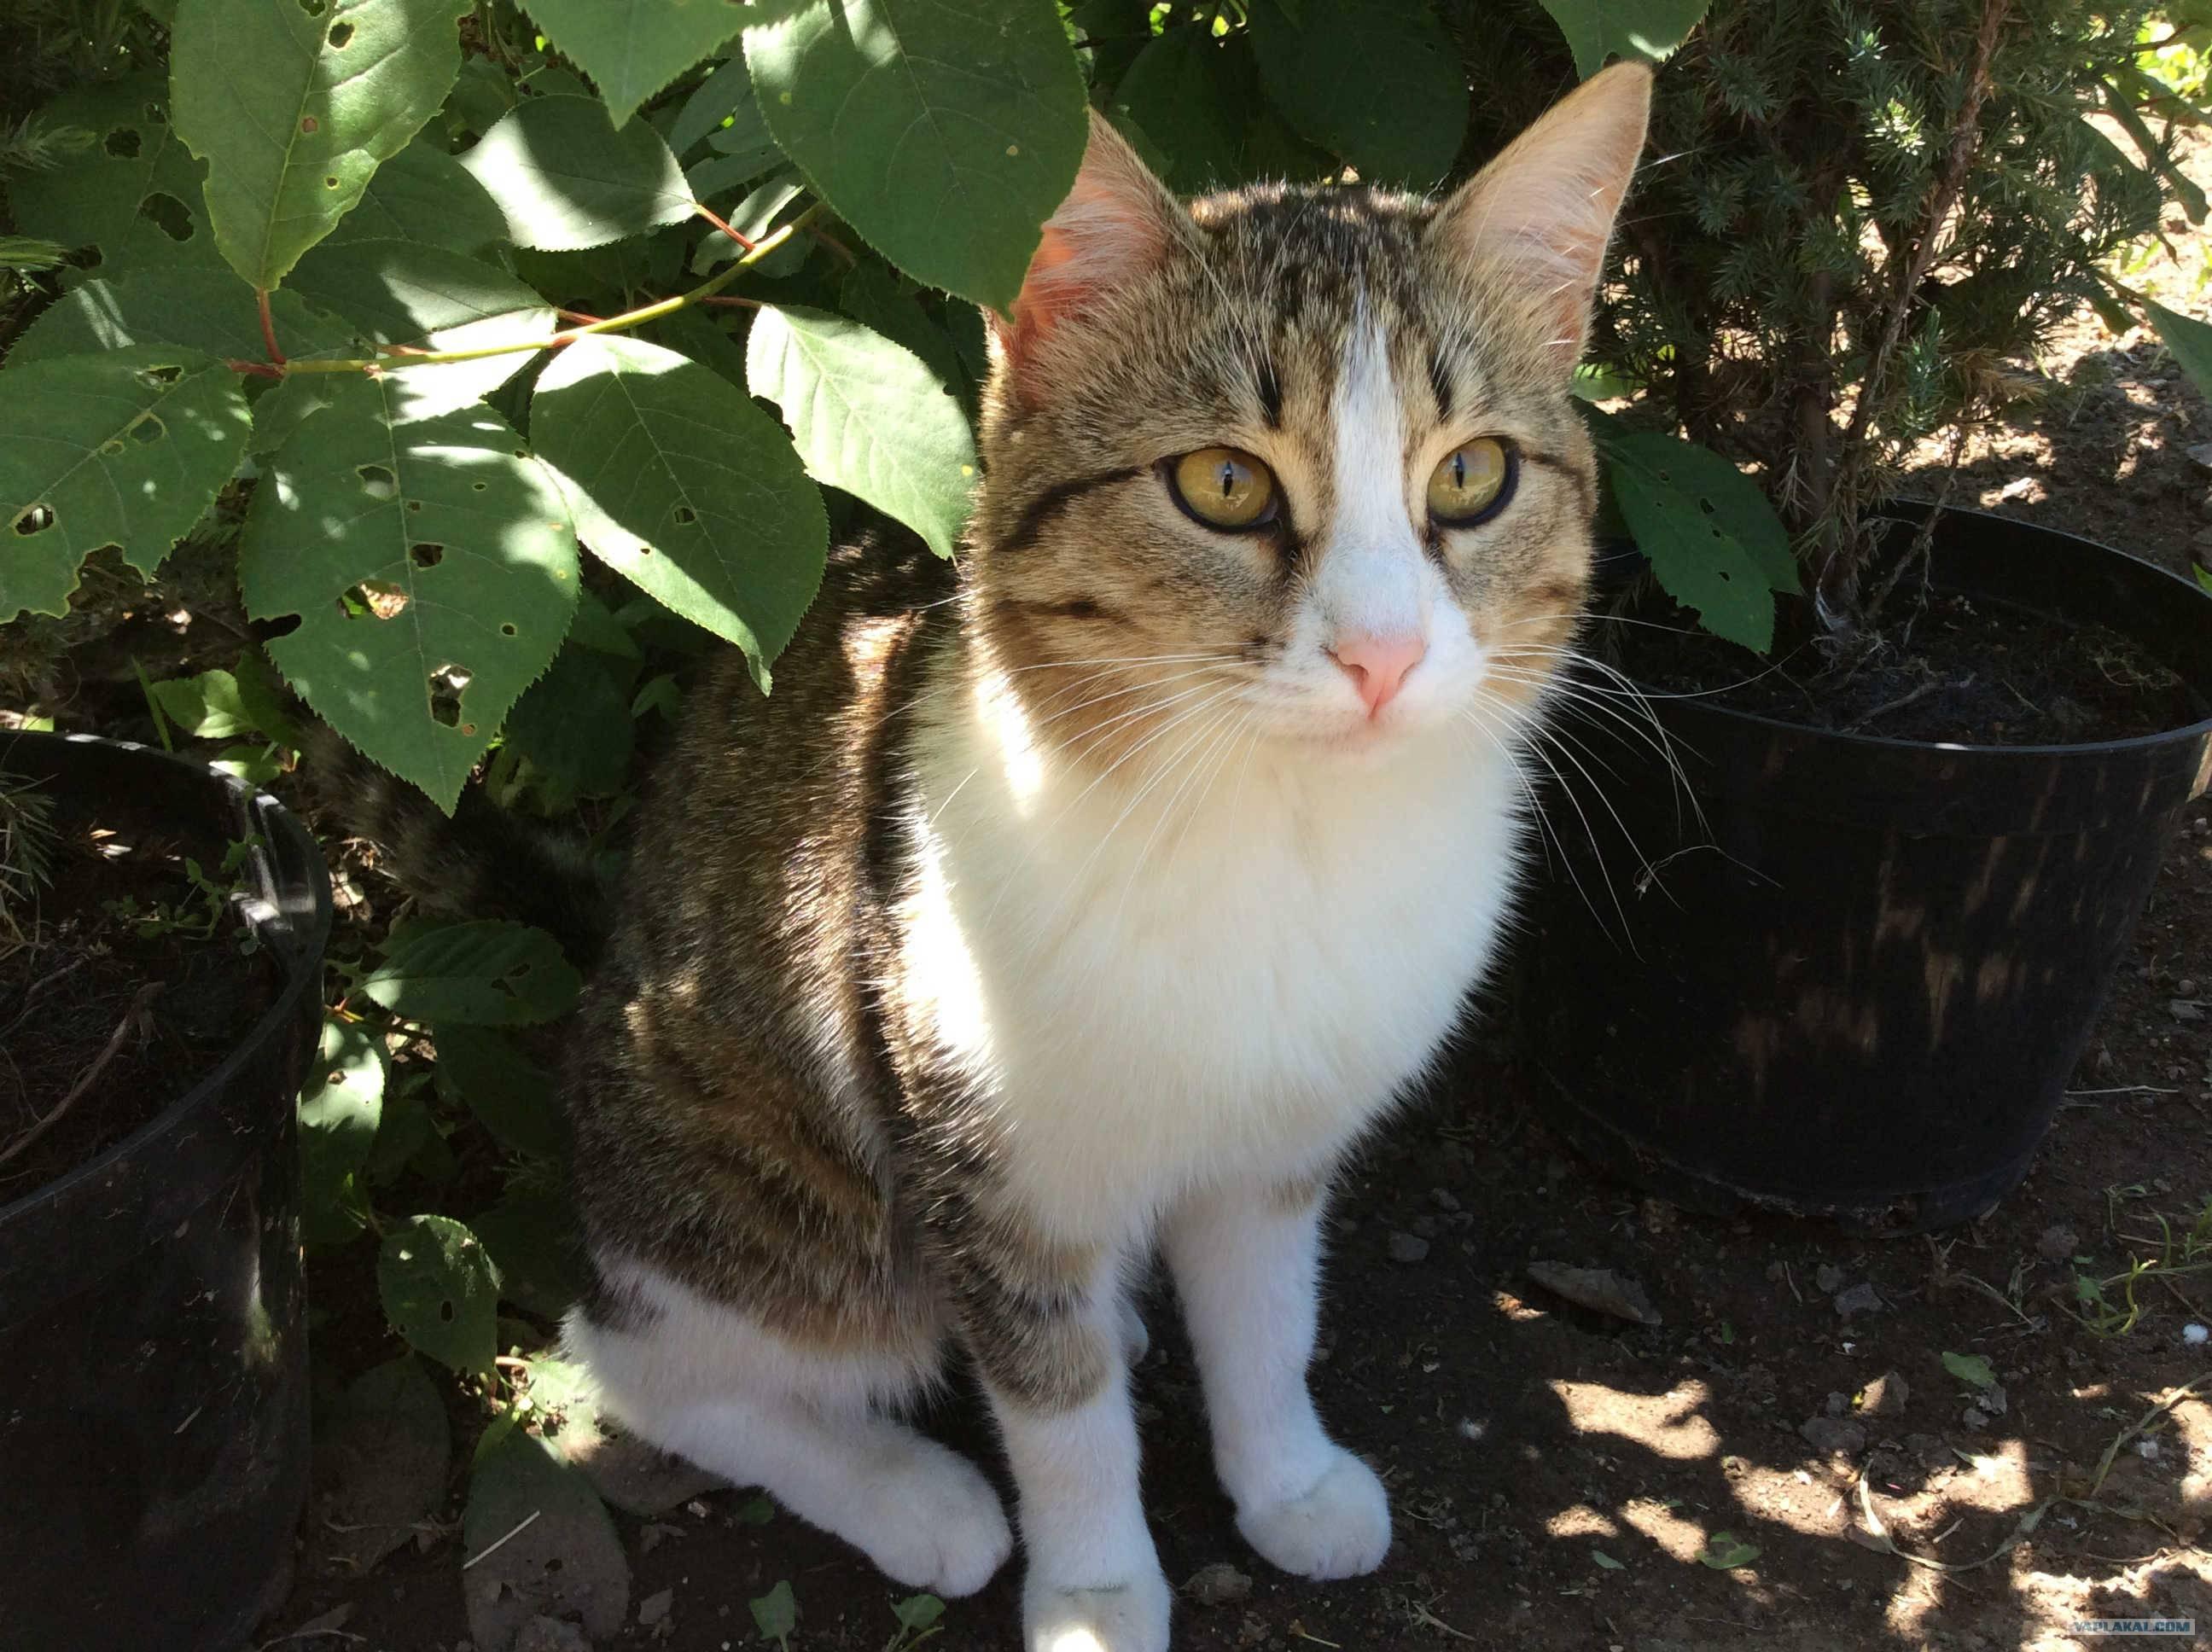 Потерялся домашний кот как найти. как искать убежавшую кошку. что необходимо взять с собой, приступая к поискам